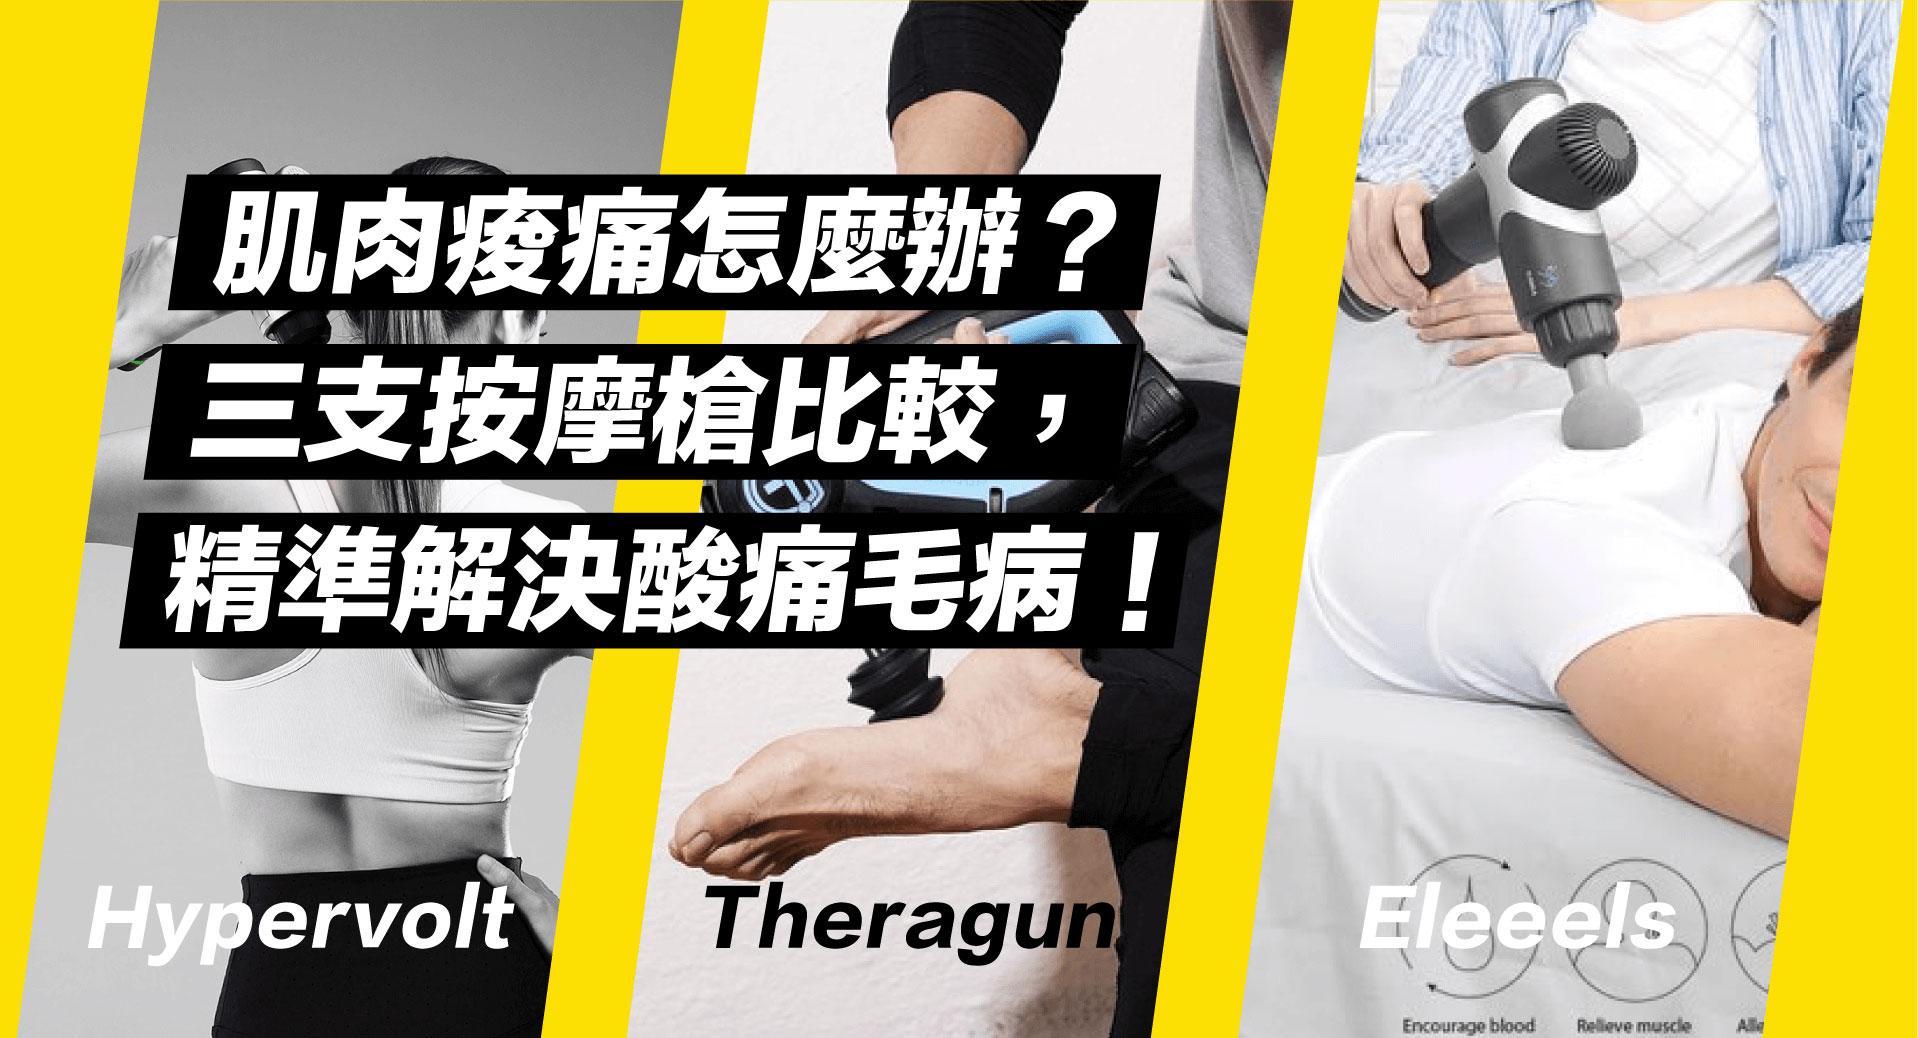 怎麼用按摩槍舒緩肌肉痠痛?震動按摩槍比較,Hypervolt和Theragun誰好用?讓專業訓練師告訴你~